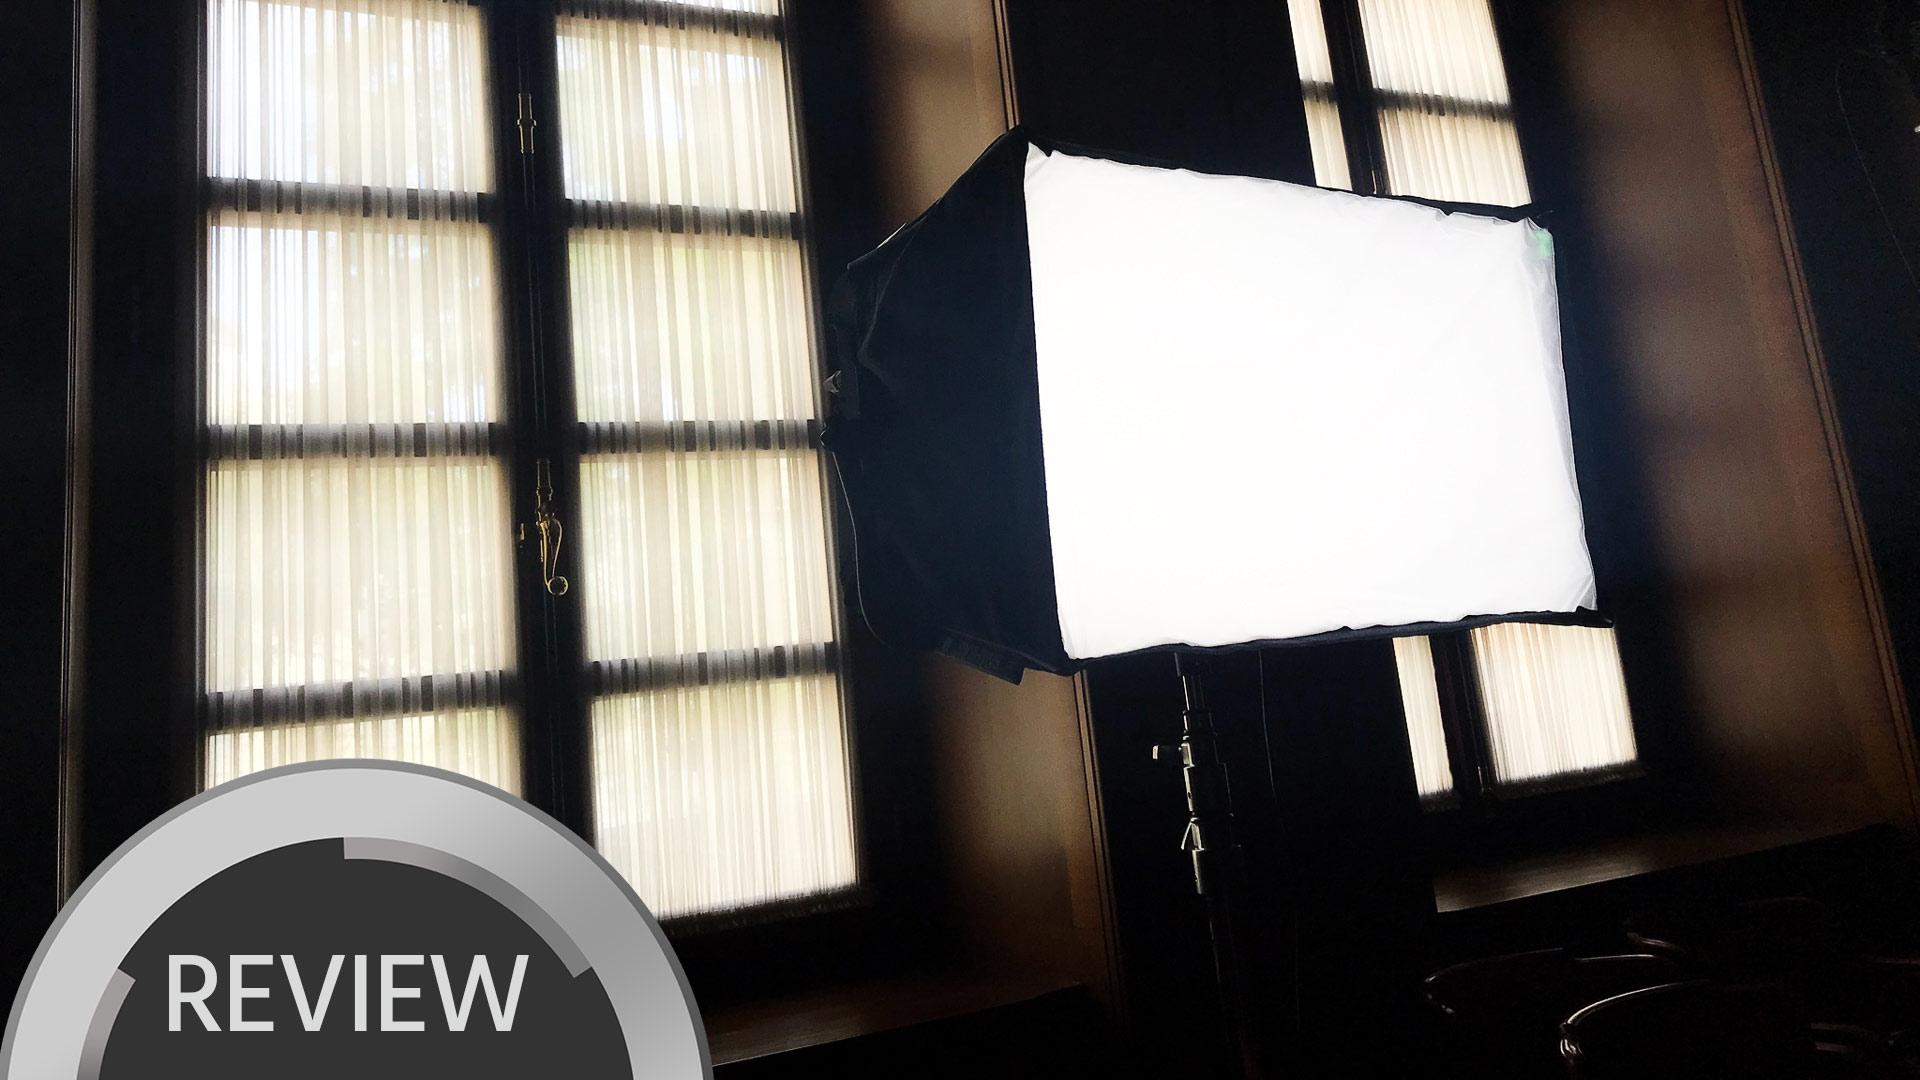 Reseña del Velvet Light 2 - Un Panel LED a Prueba de Lluvia Con un IRC de 95